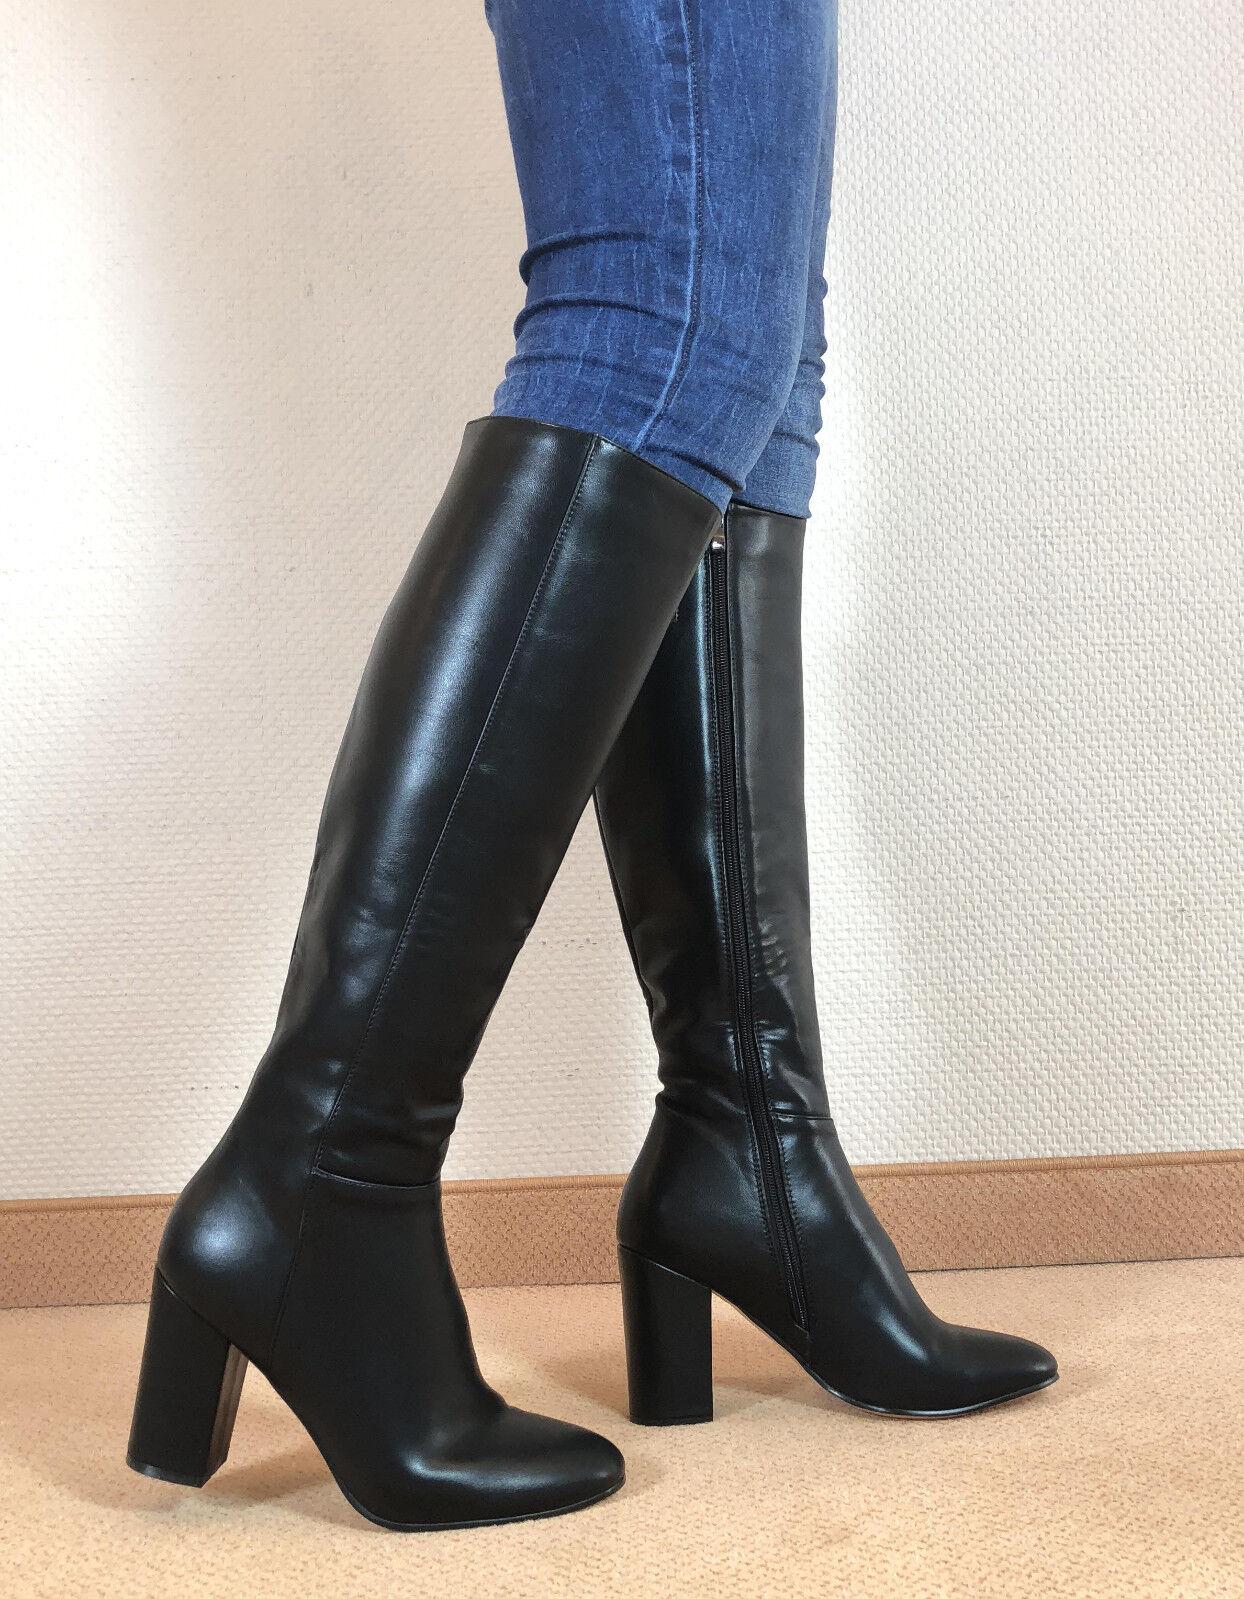 Gr.46 TOP ! Exklusiv Sexy Damen Schuhe Kniestiefel Stiefel Männer Boots E3